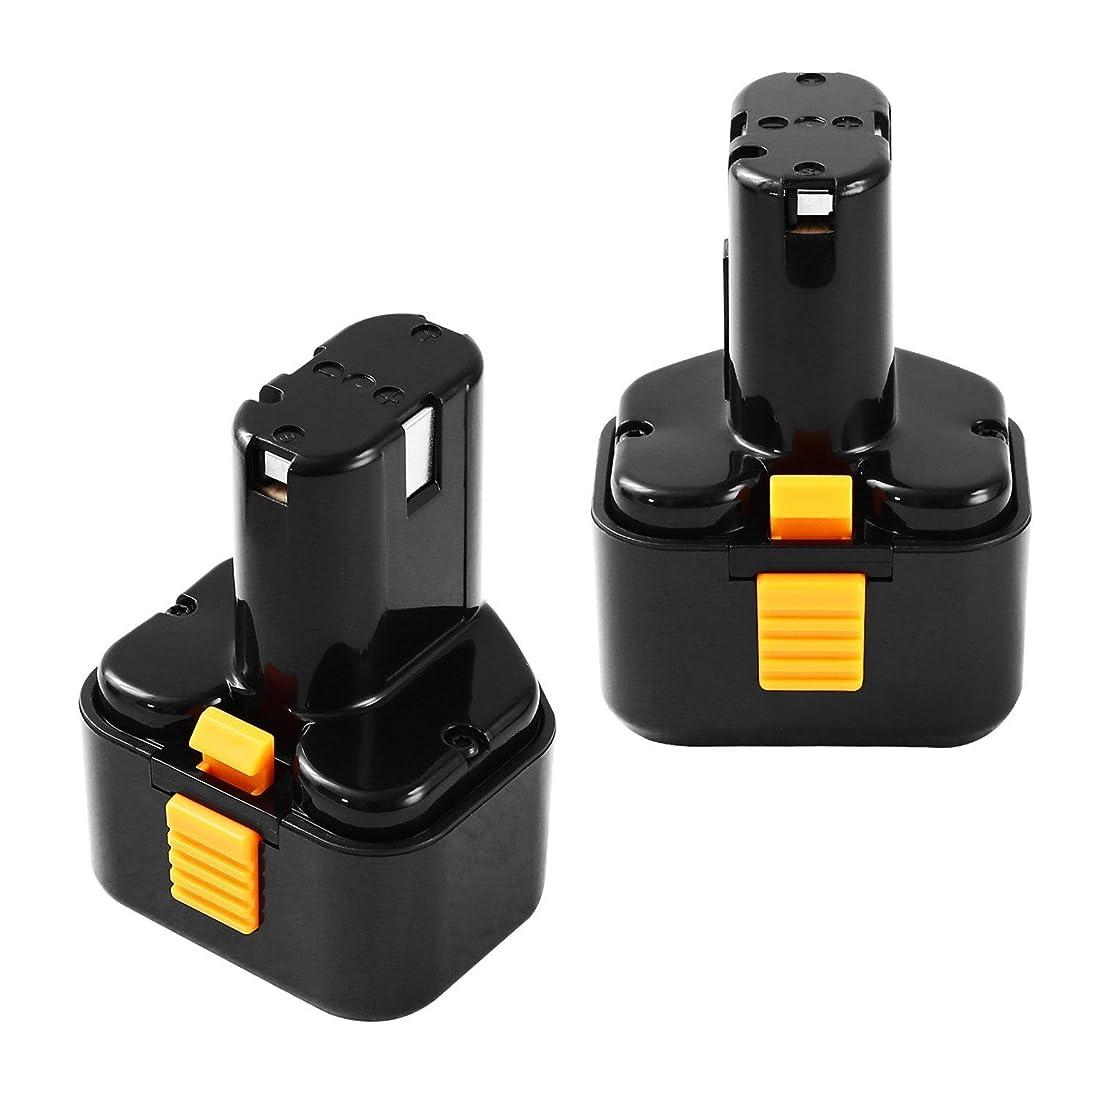 湖受け入れるメロディアスPowayup 日立 EB9 9.6V 3.0Ah 大容量 日立 9.6v 互換バッテリー EB9B EB9S EB9G EB9M EB912S FEB9S互換 ニッケル水素 NI-MH 電動工具用 一年保証